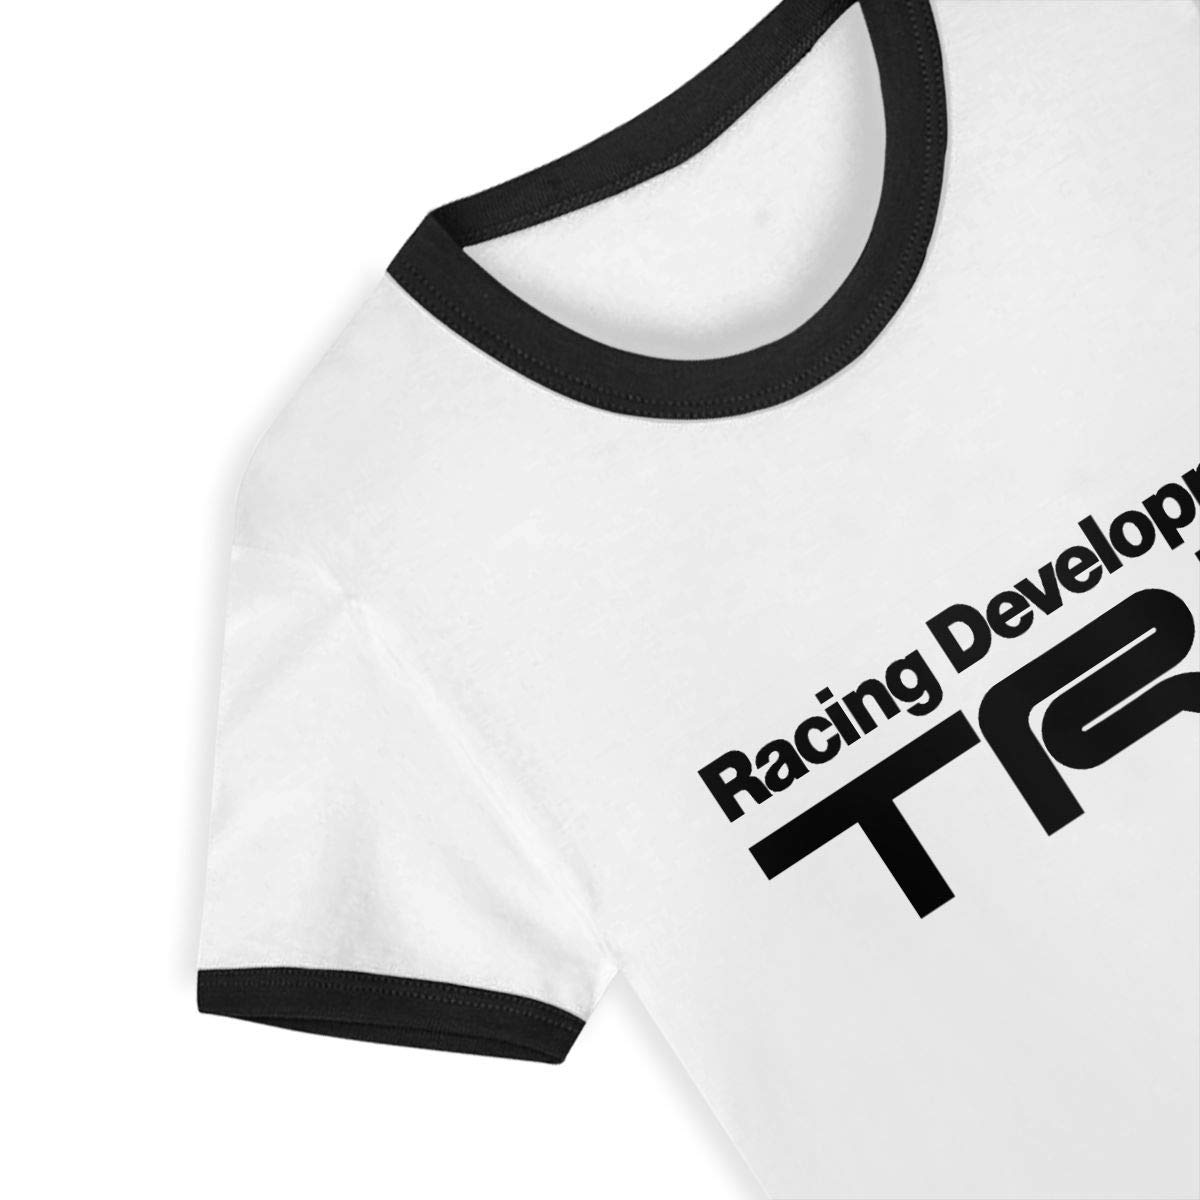 Kids T-Shirt Tops Racing Development TRD Unisex Youths Short Sleeve T-Shirt